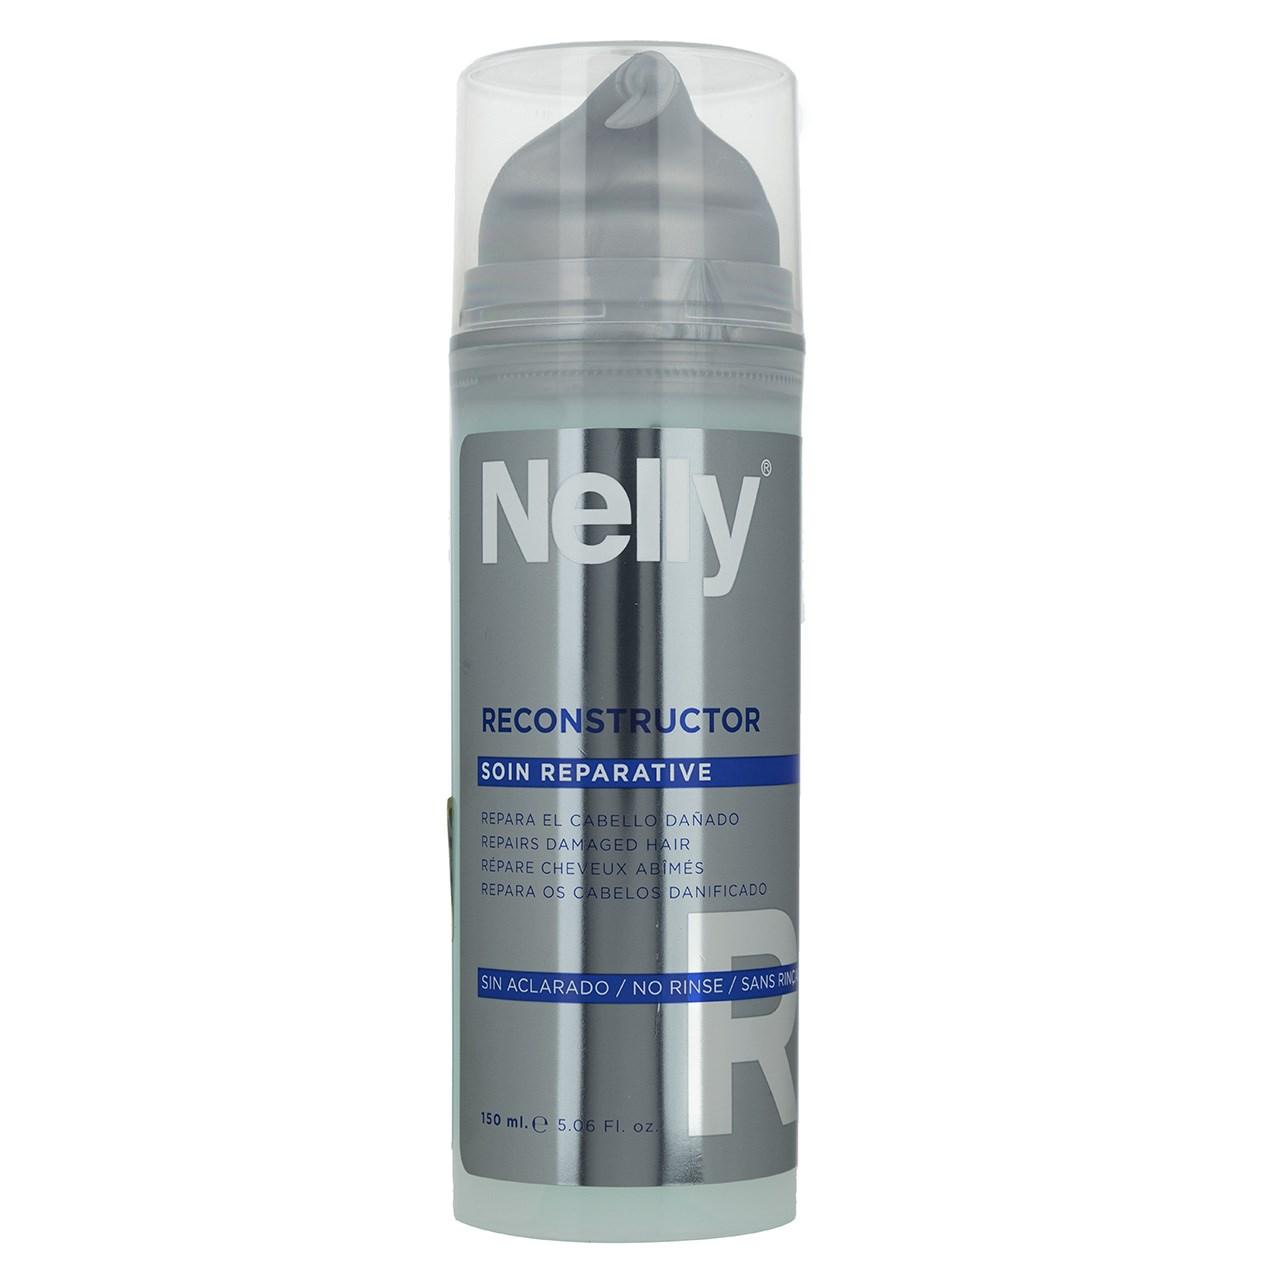 قیمت ماسک موی احیا کننده و ترمیم کننده نلی مدل Reconstructor حجم 150 میلی لیتر